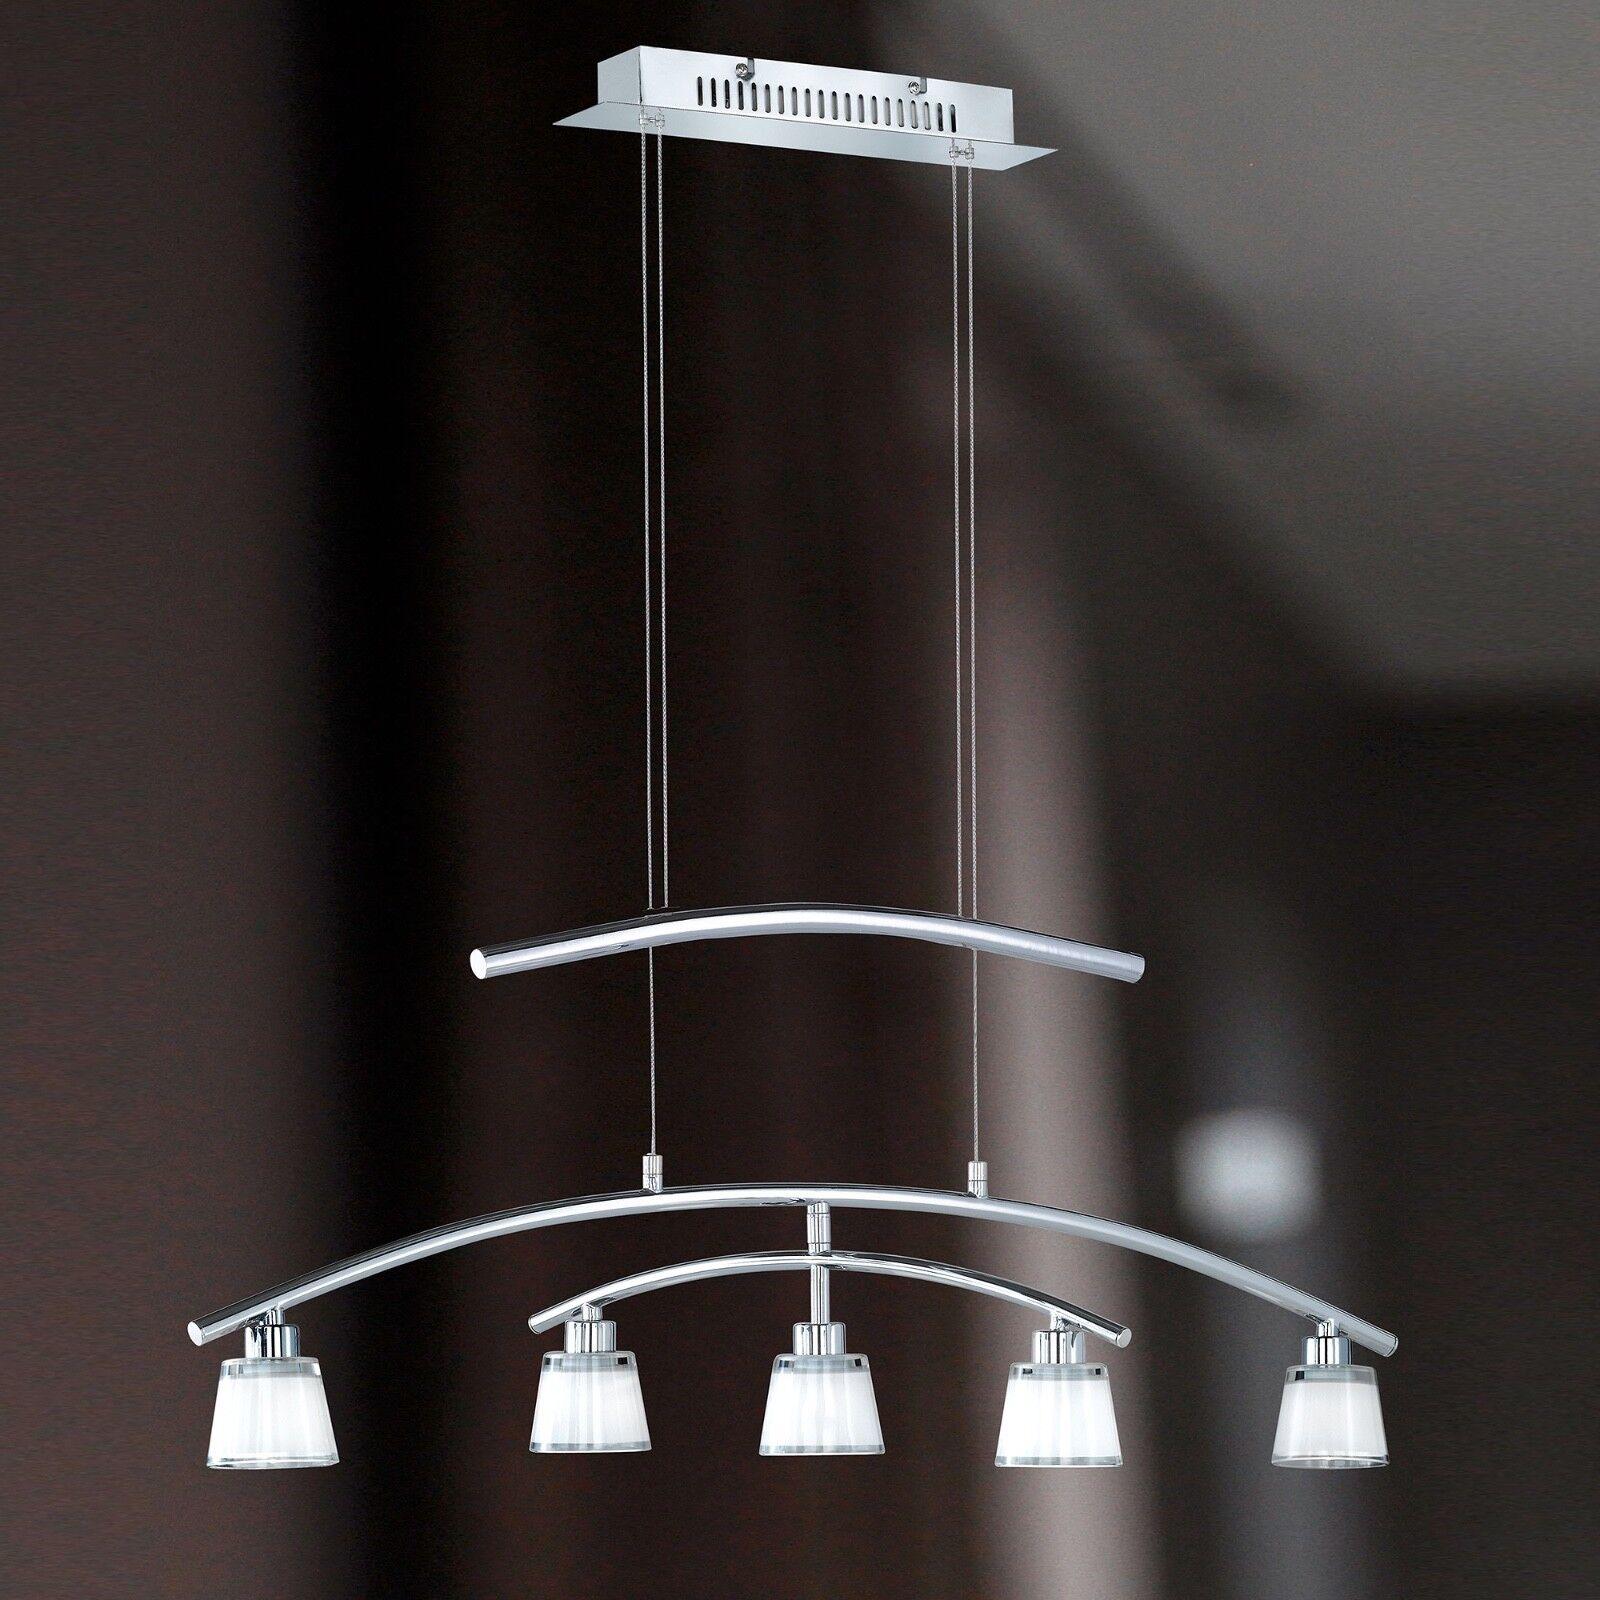 Wofi Pendelleuchte Talea 5-flg Chrom Glas Kegel Kegel Kegel weiß verstellbar 100 Watt EEK C | Stil  |  1d94f6